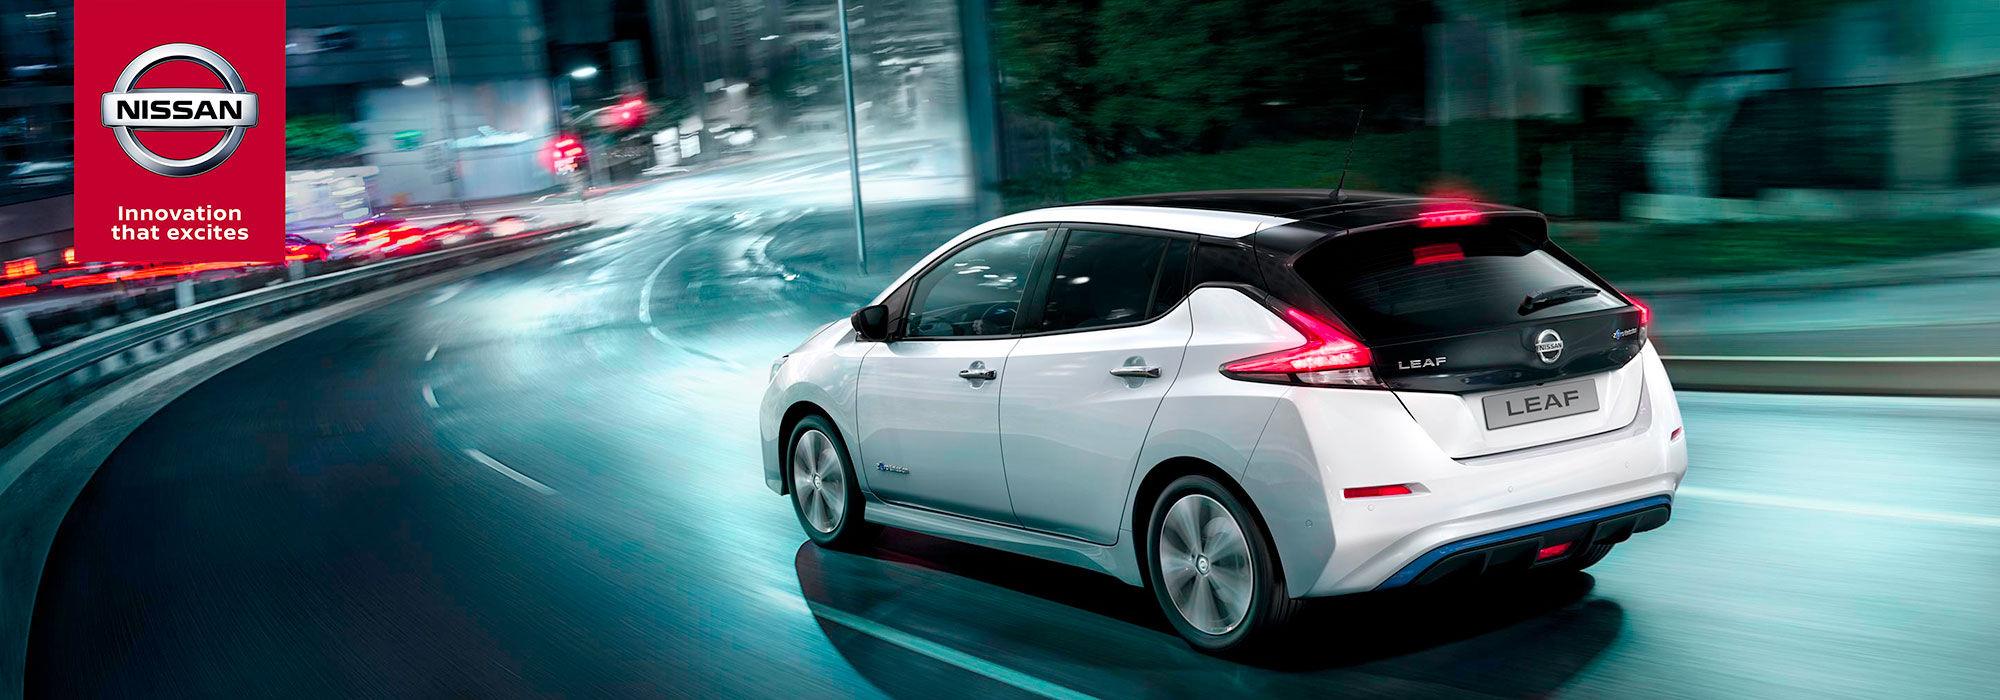 Nissan henkilöautot | Loimaan Laatuauto